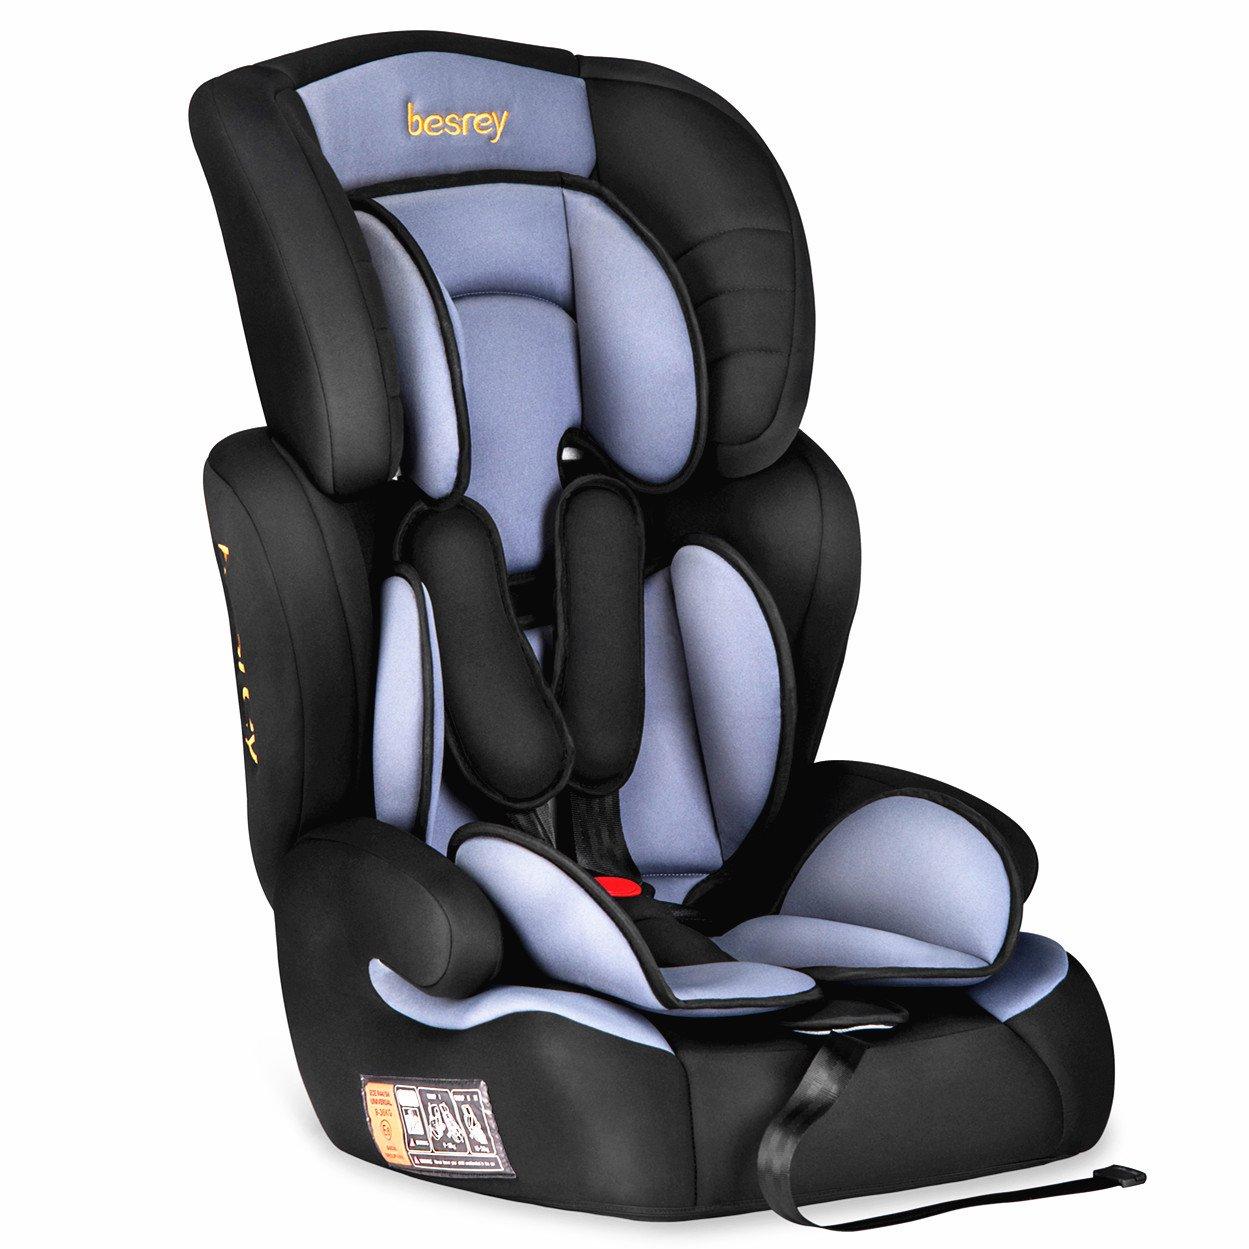 Besrey silla de coche para bebe Grupo 1 2 3 tres en uno silla coche 9 a 36 kg - 9 meses a 12 years Normativa Europea ECE … ZK505A